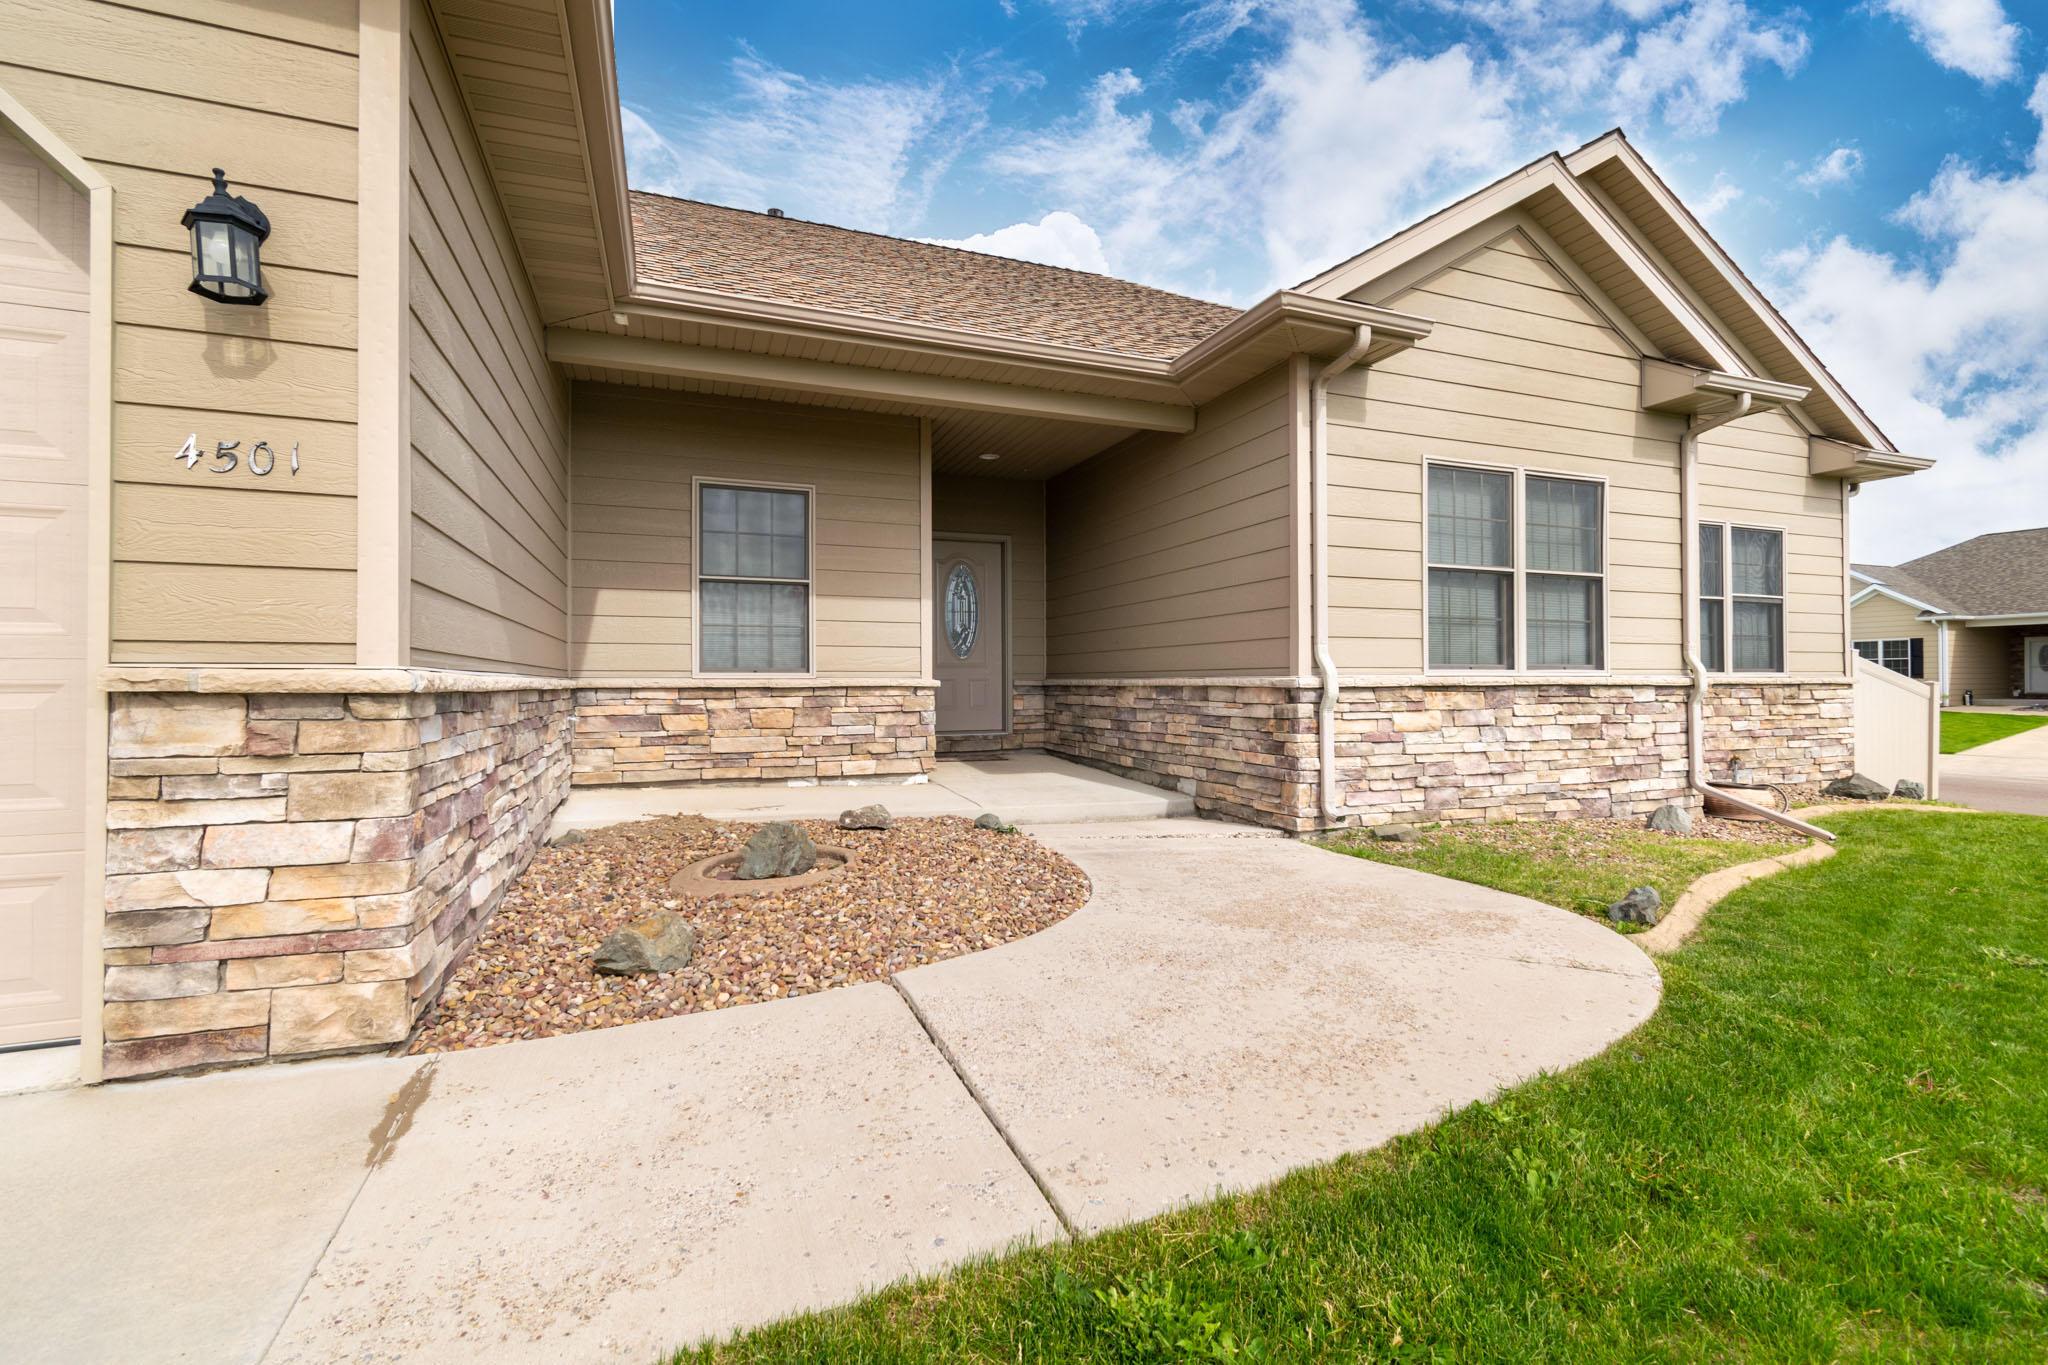 4501 9th Street N E, Great Falls, MT 59404